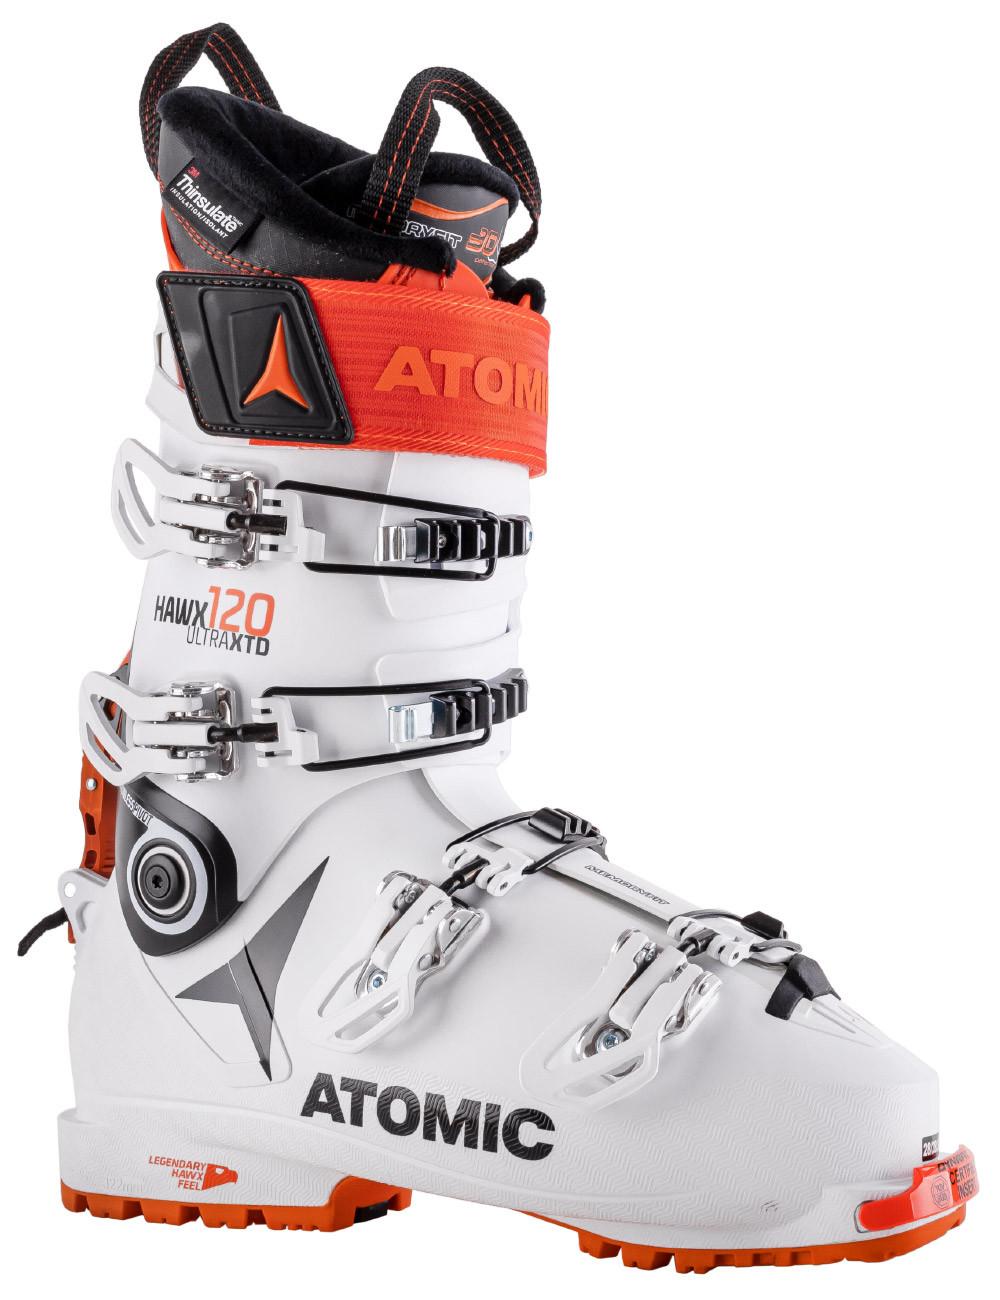 Buty narciarskie Atomic Hawx XTD 120